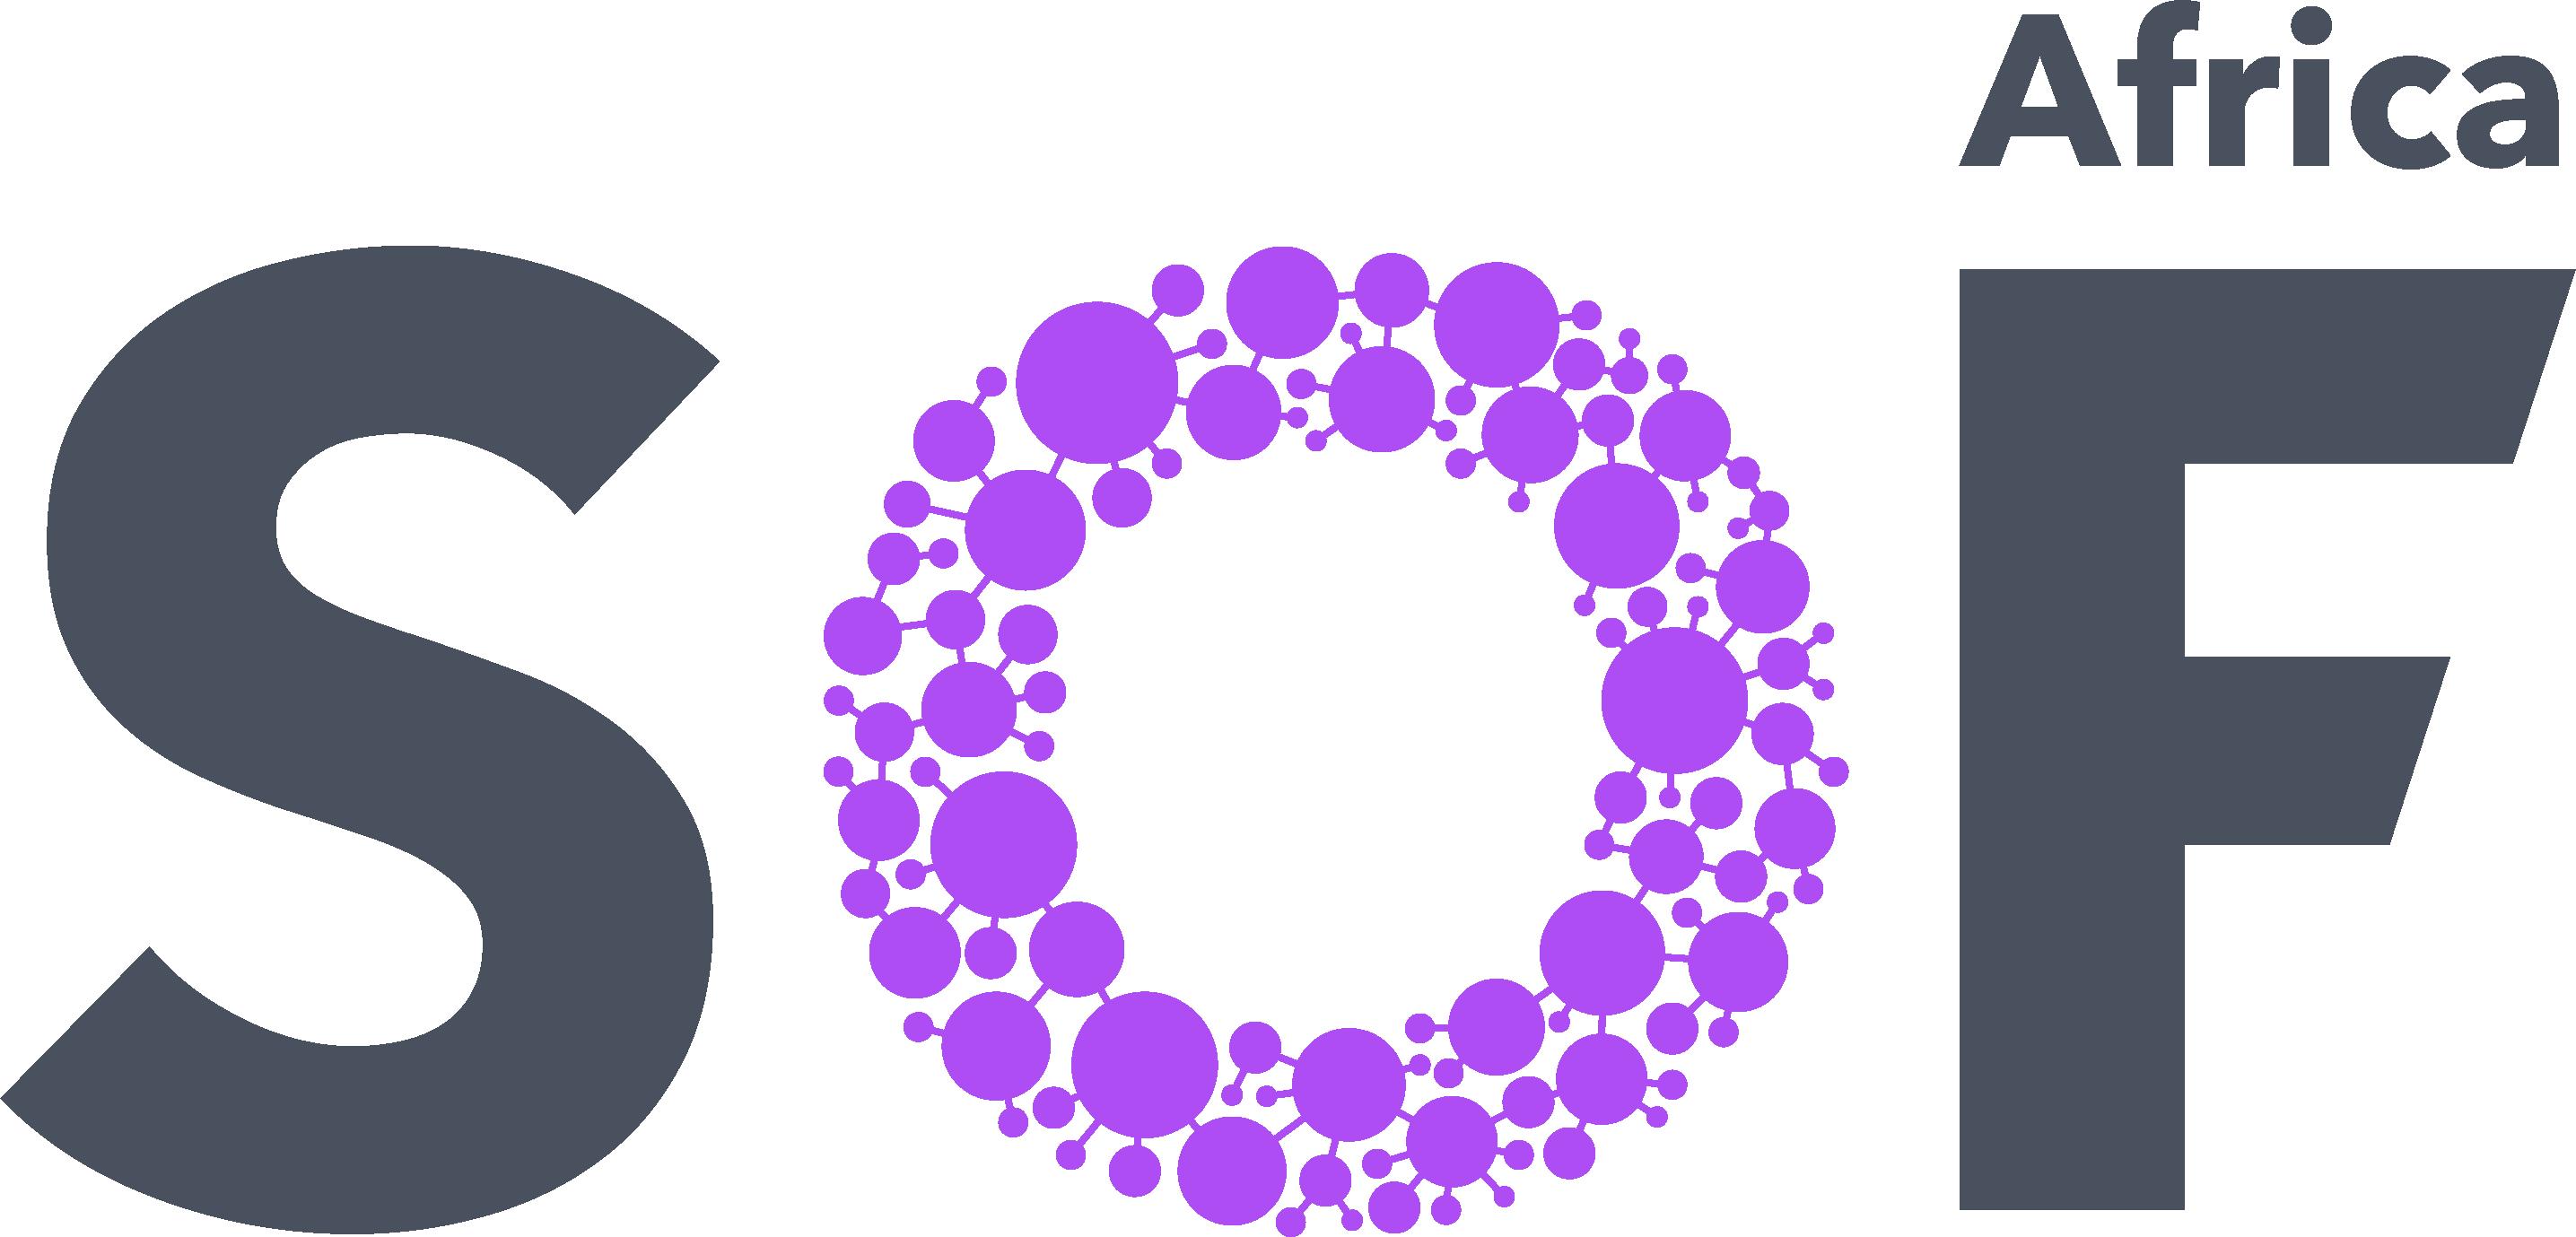 SOF - Sub Brand Logo - Location - No sub-line - Africa - RGB